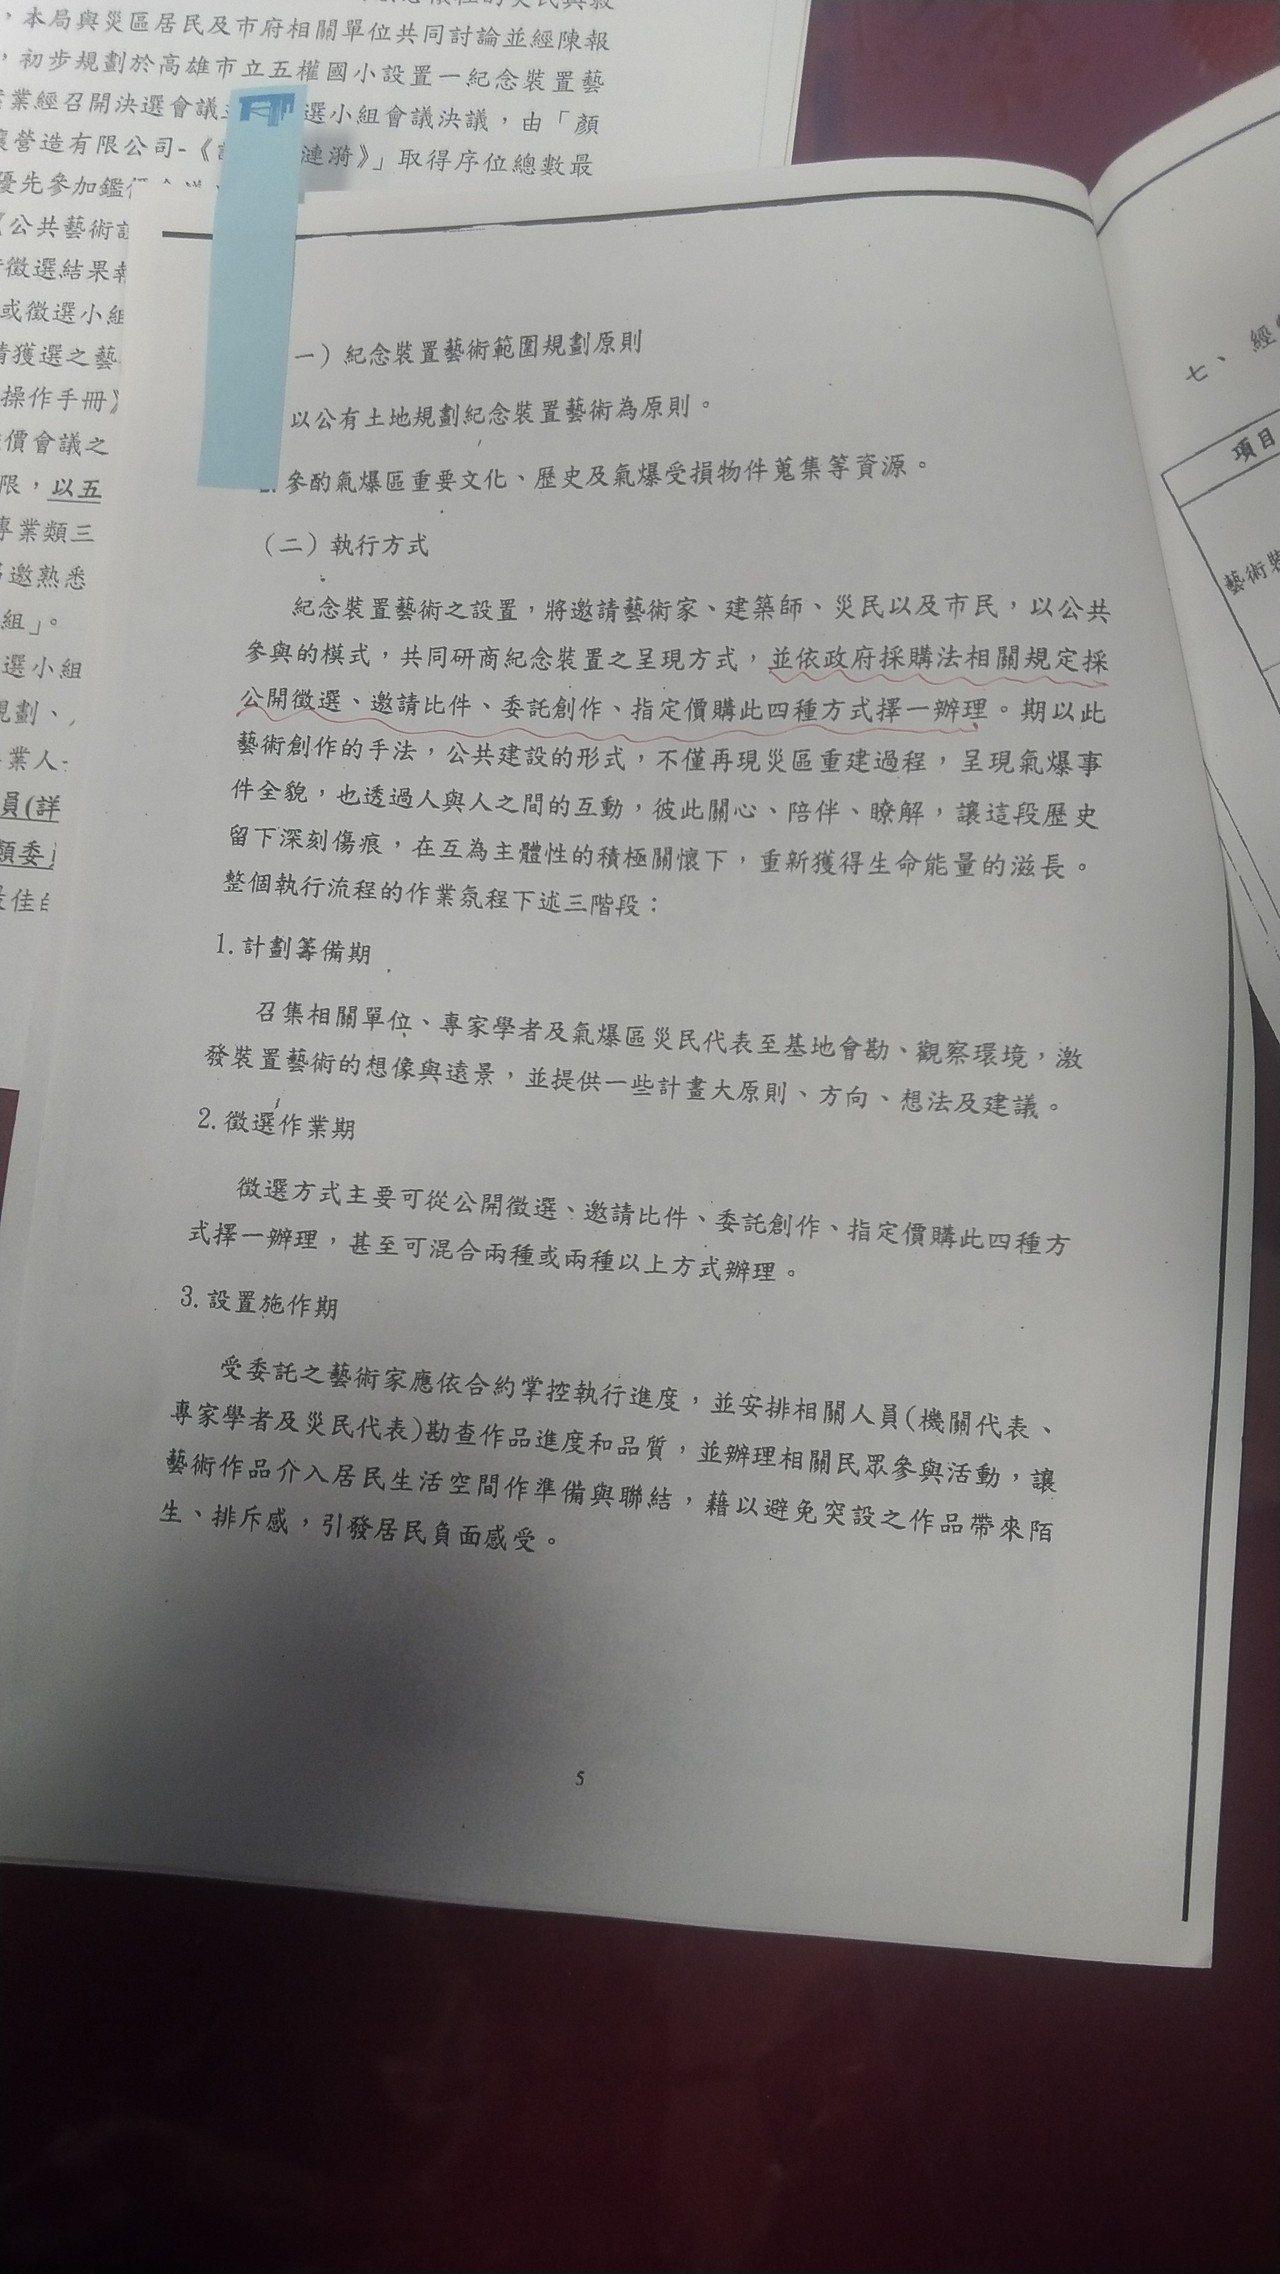 國民黨高市議員陳麗娜說,高雄氣爆裝置藝術應適用政府採購法,文化局也曾有一份公文指...